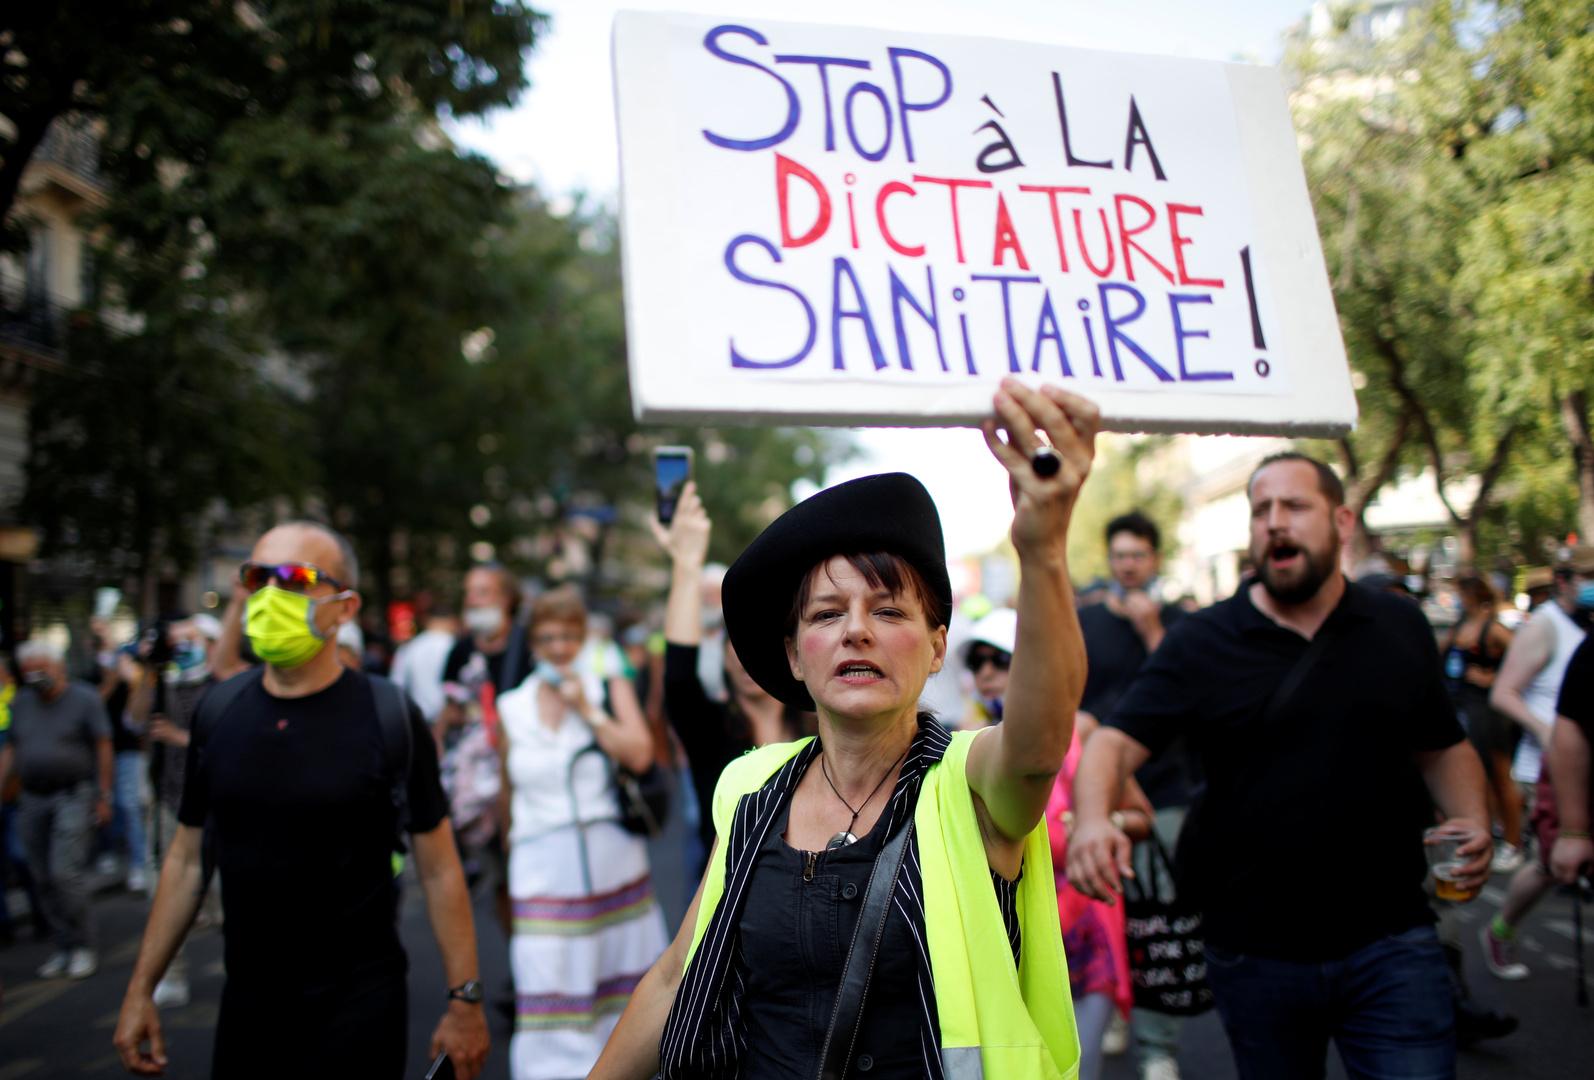 منظمة العفو الدولية: آلاف المحتجين في فرنسا تعرضوا لـ